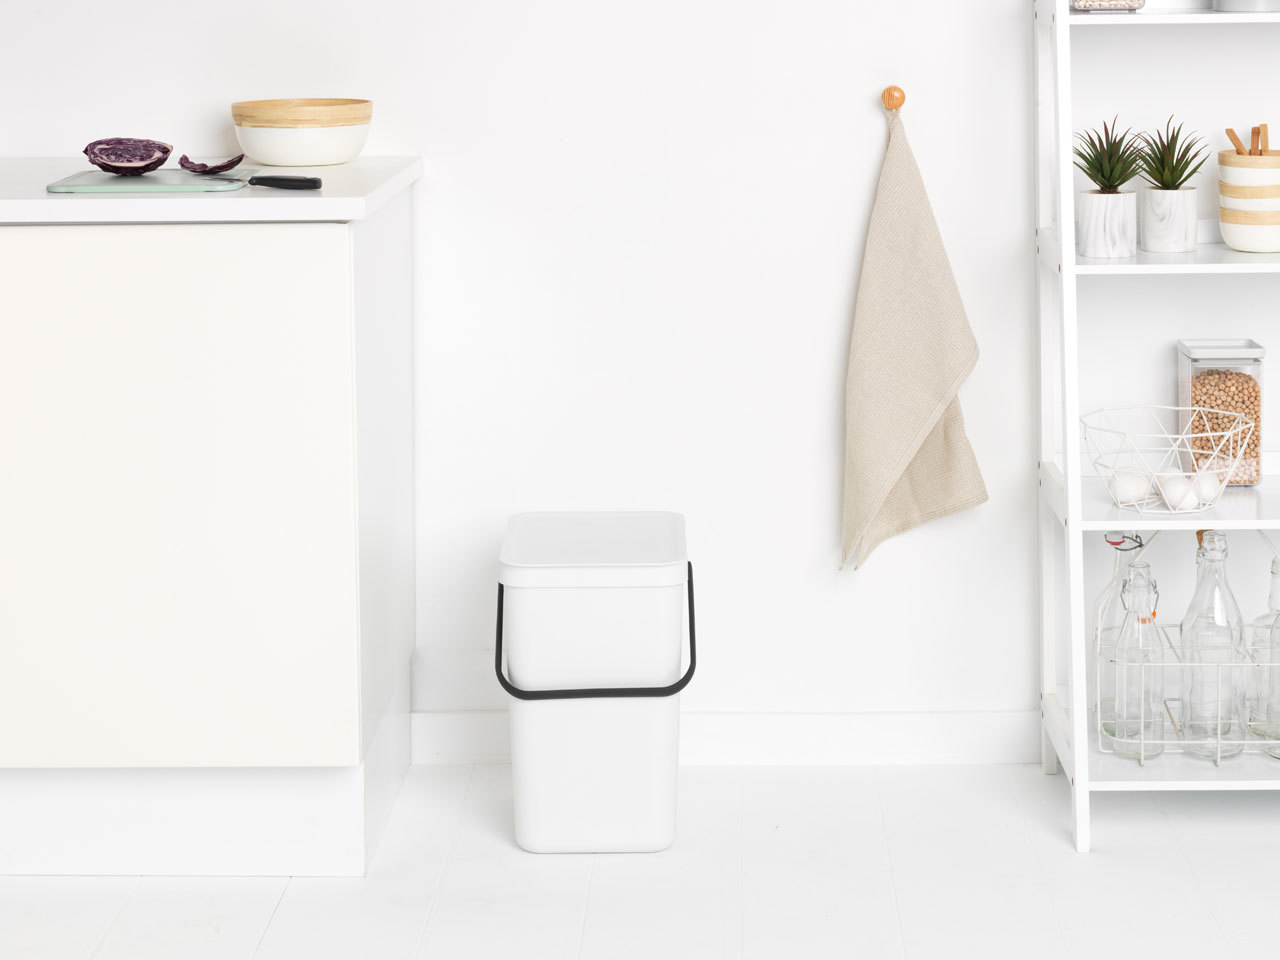 Встраиваемое мусорное ведро Sort & Go (25 л), Белый, арт. 129926 - фото 1